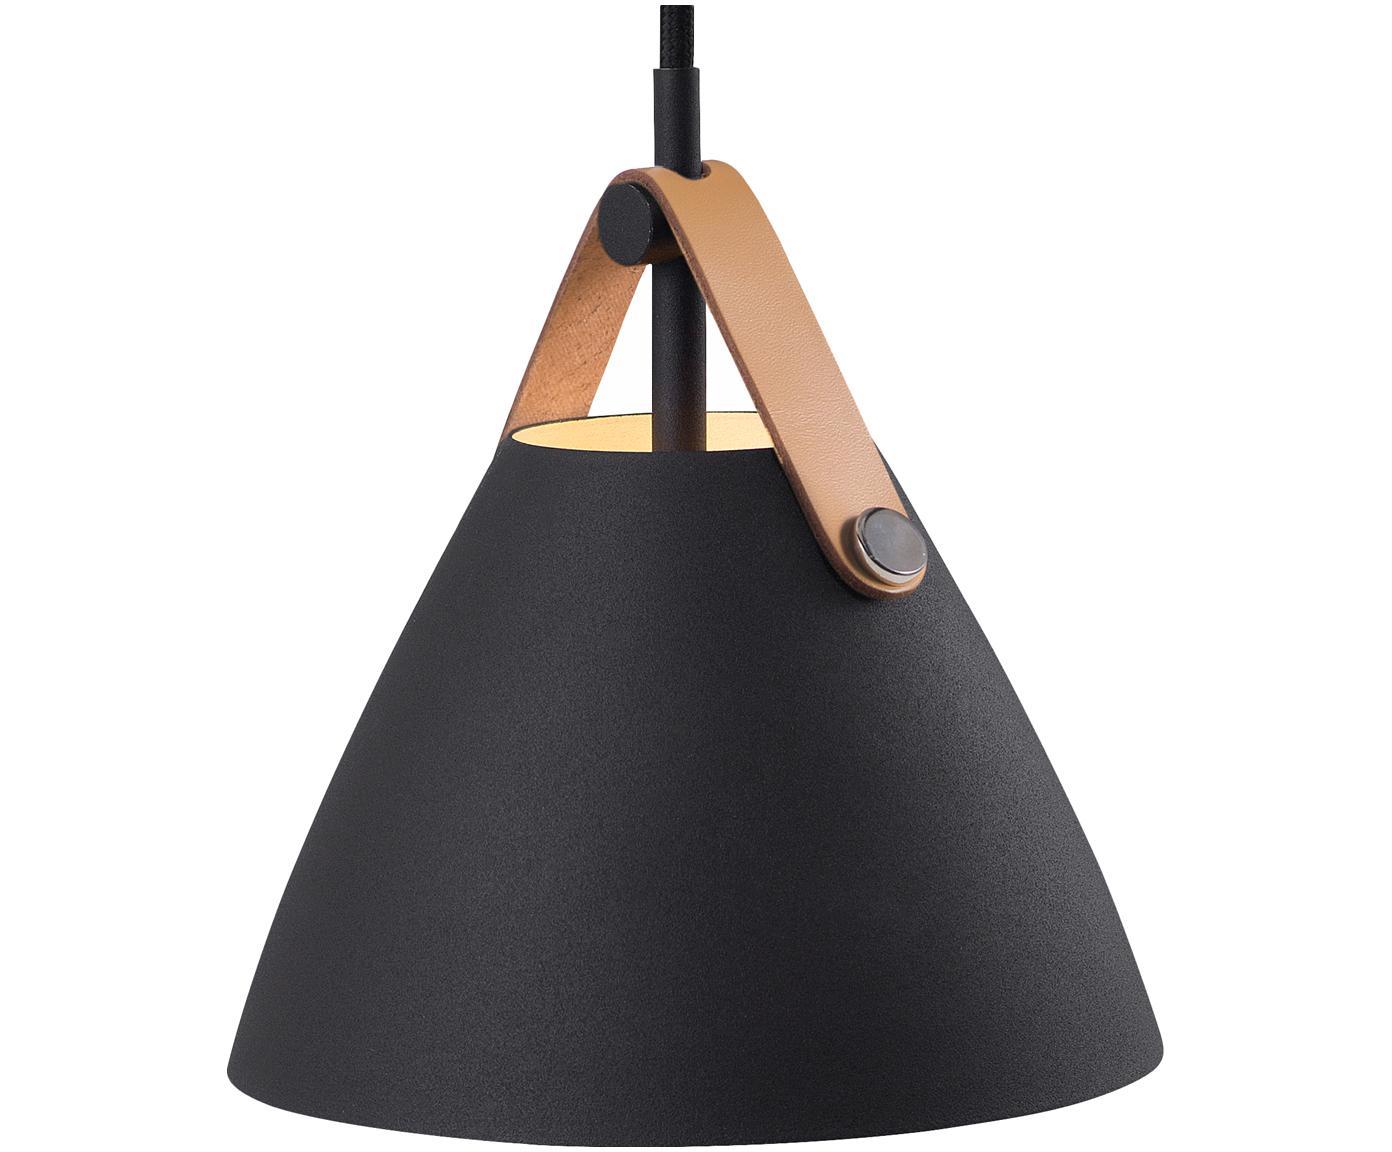 Lámpara de techo pequeña Strap, Pantalla: metal con pintura en polv, Anclaje: plástico, Negro, Ø 16 x Al 17 cm